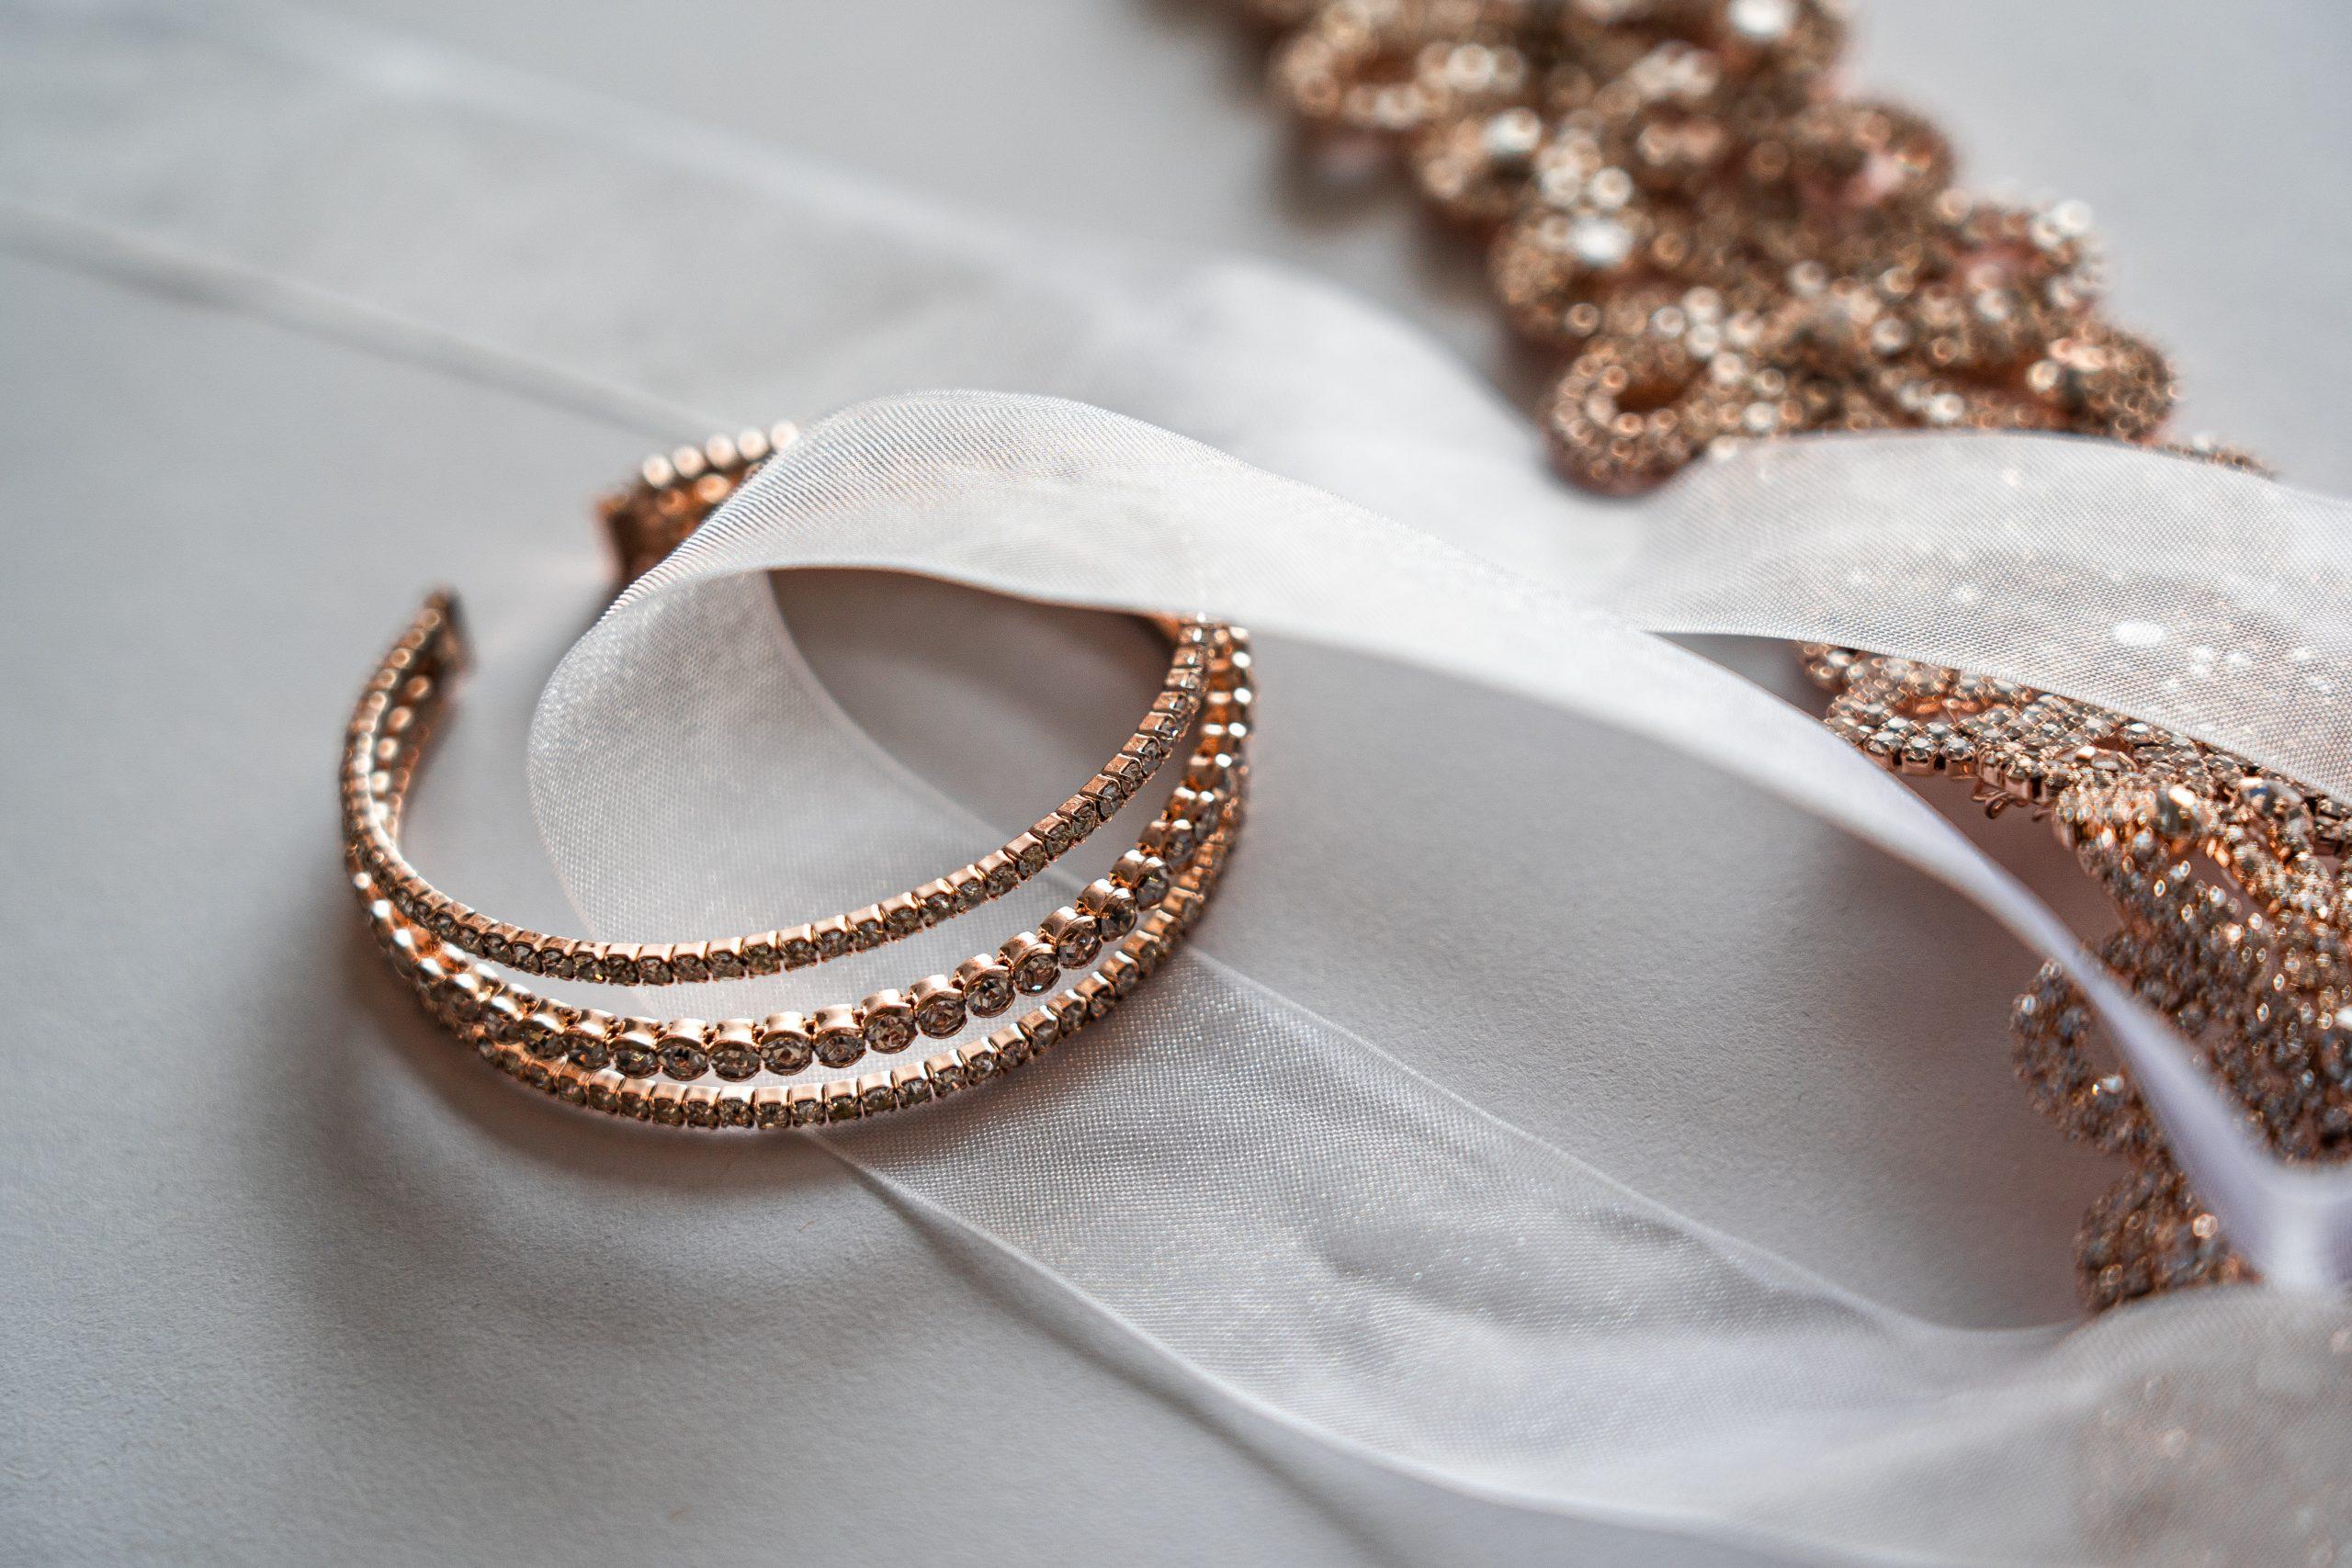 Bijoux en or déposés sur un ruban